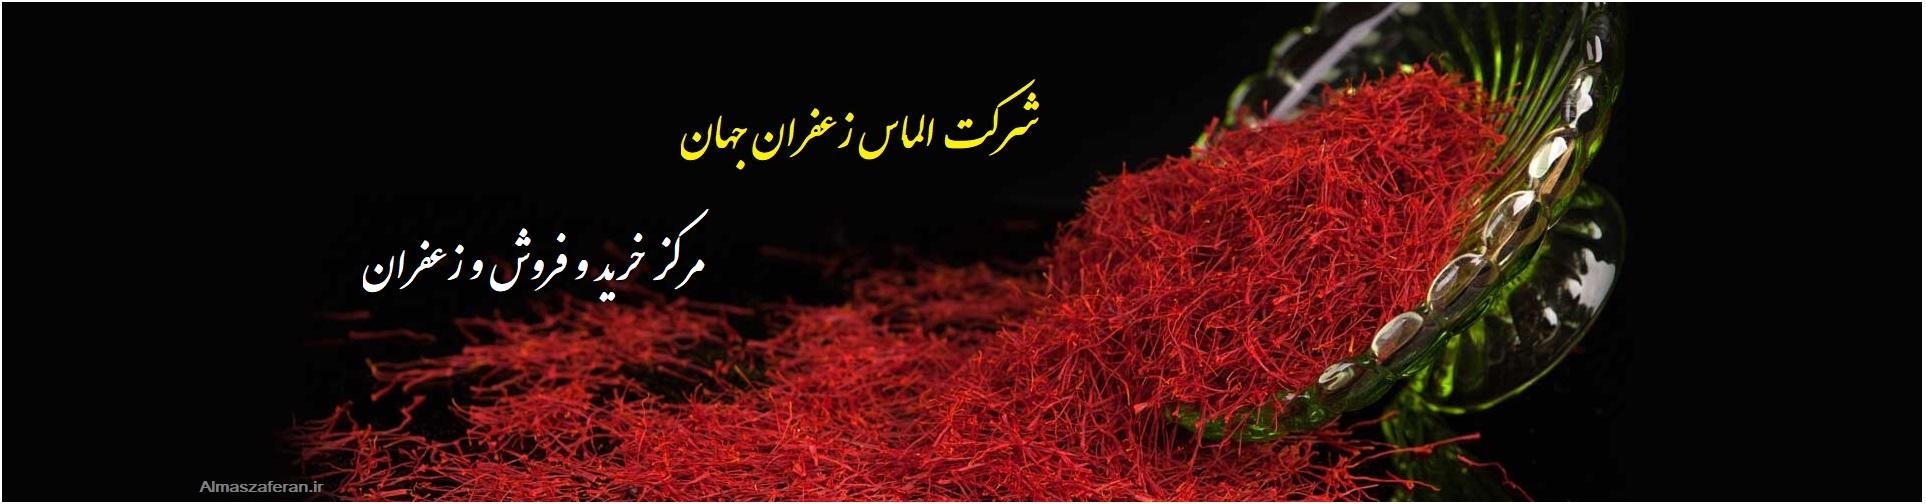 بازار خرید زعفران عمده صادراتی